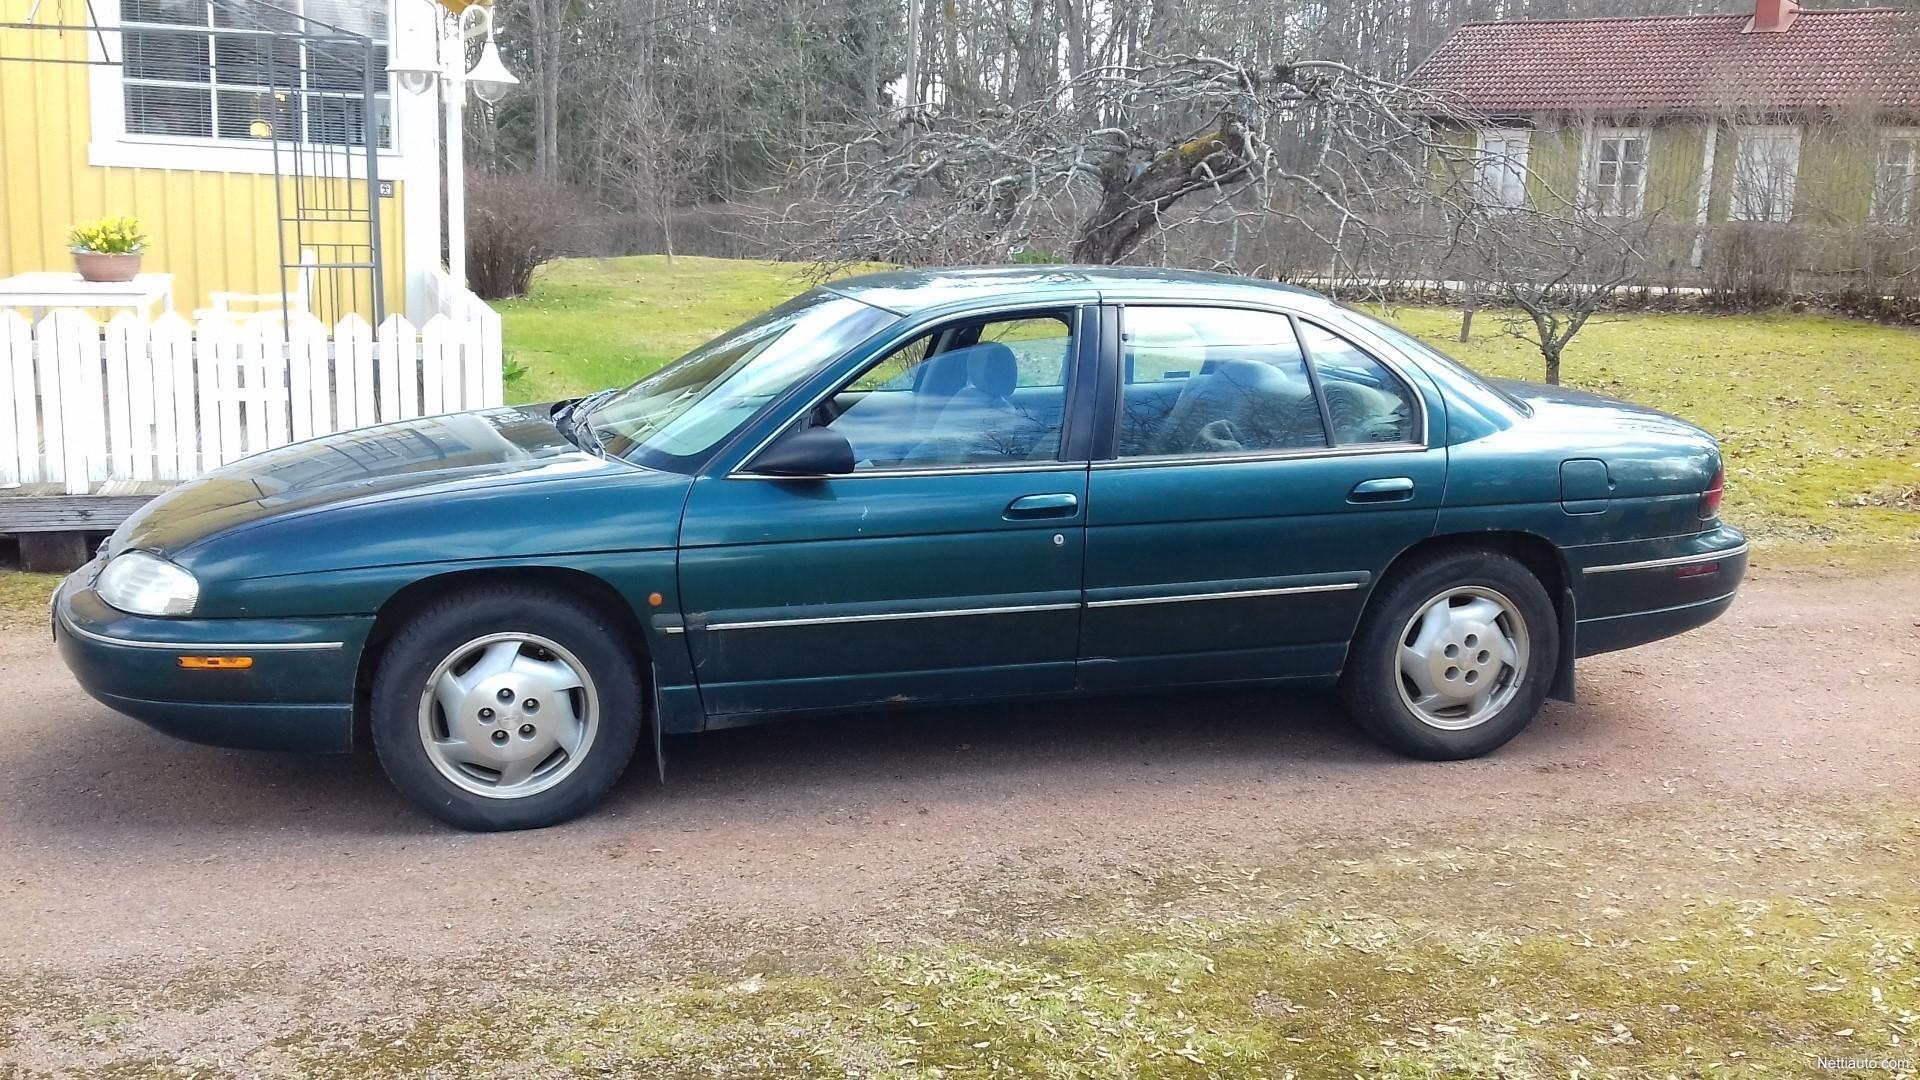 Enlarge image. Chevrolet Lumina